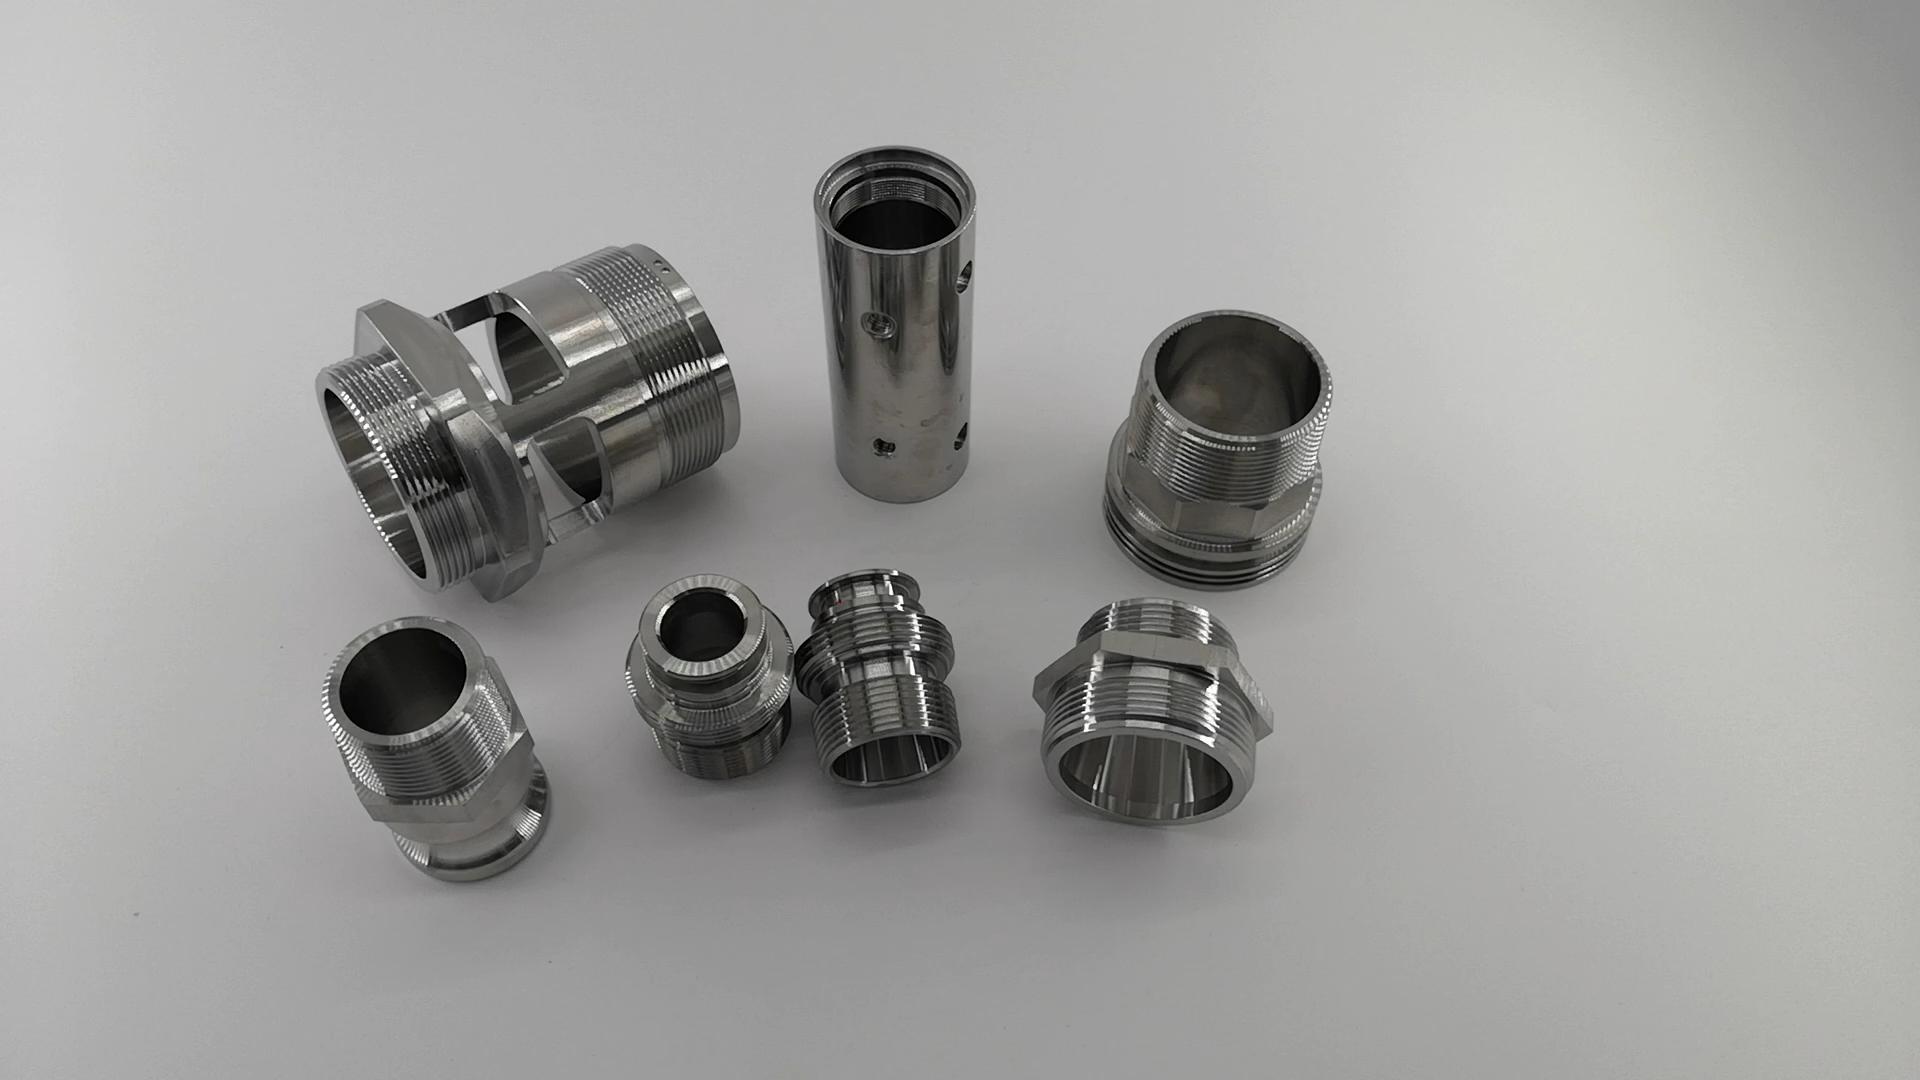 OEM Custom Made 1.4404 paslanmaz çelik hidrolik teçhizat pompa ve vana sanayi